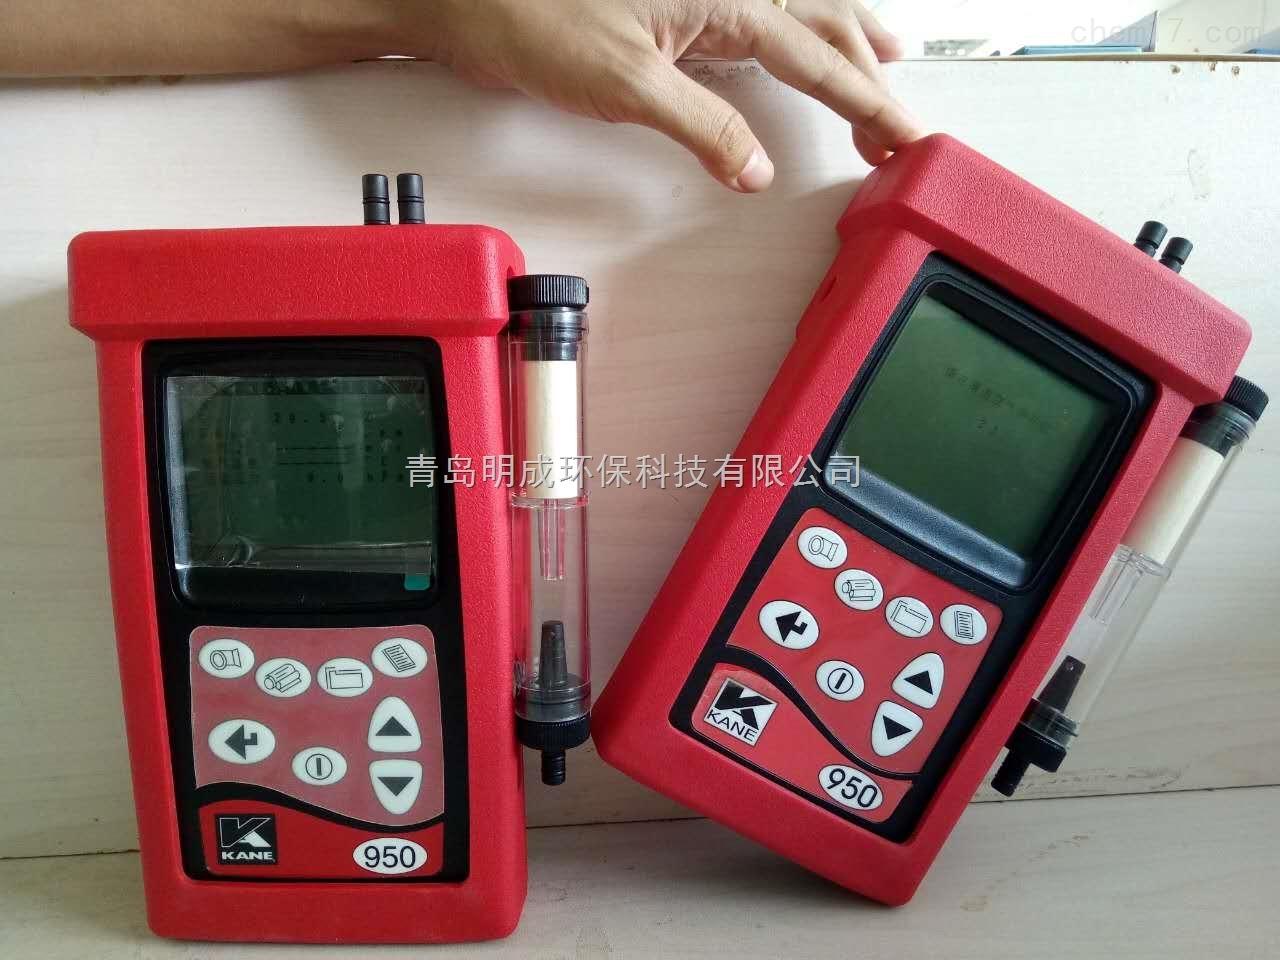 原装英凯恩KANE905 手持式烟气分析仪